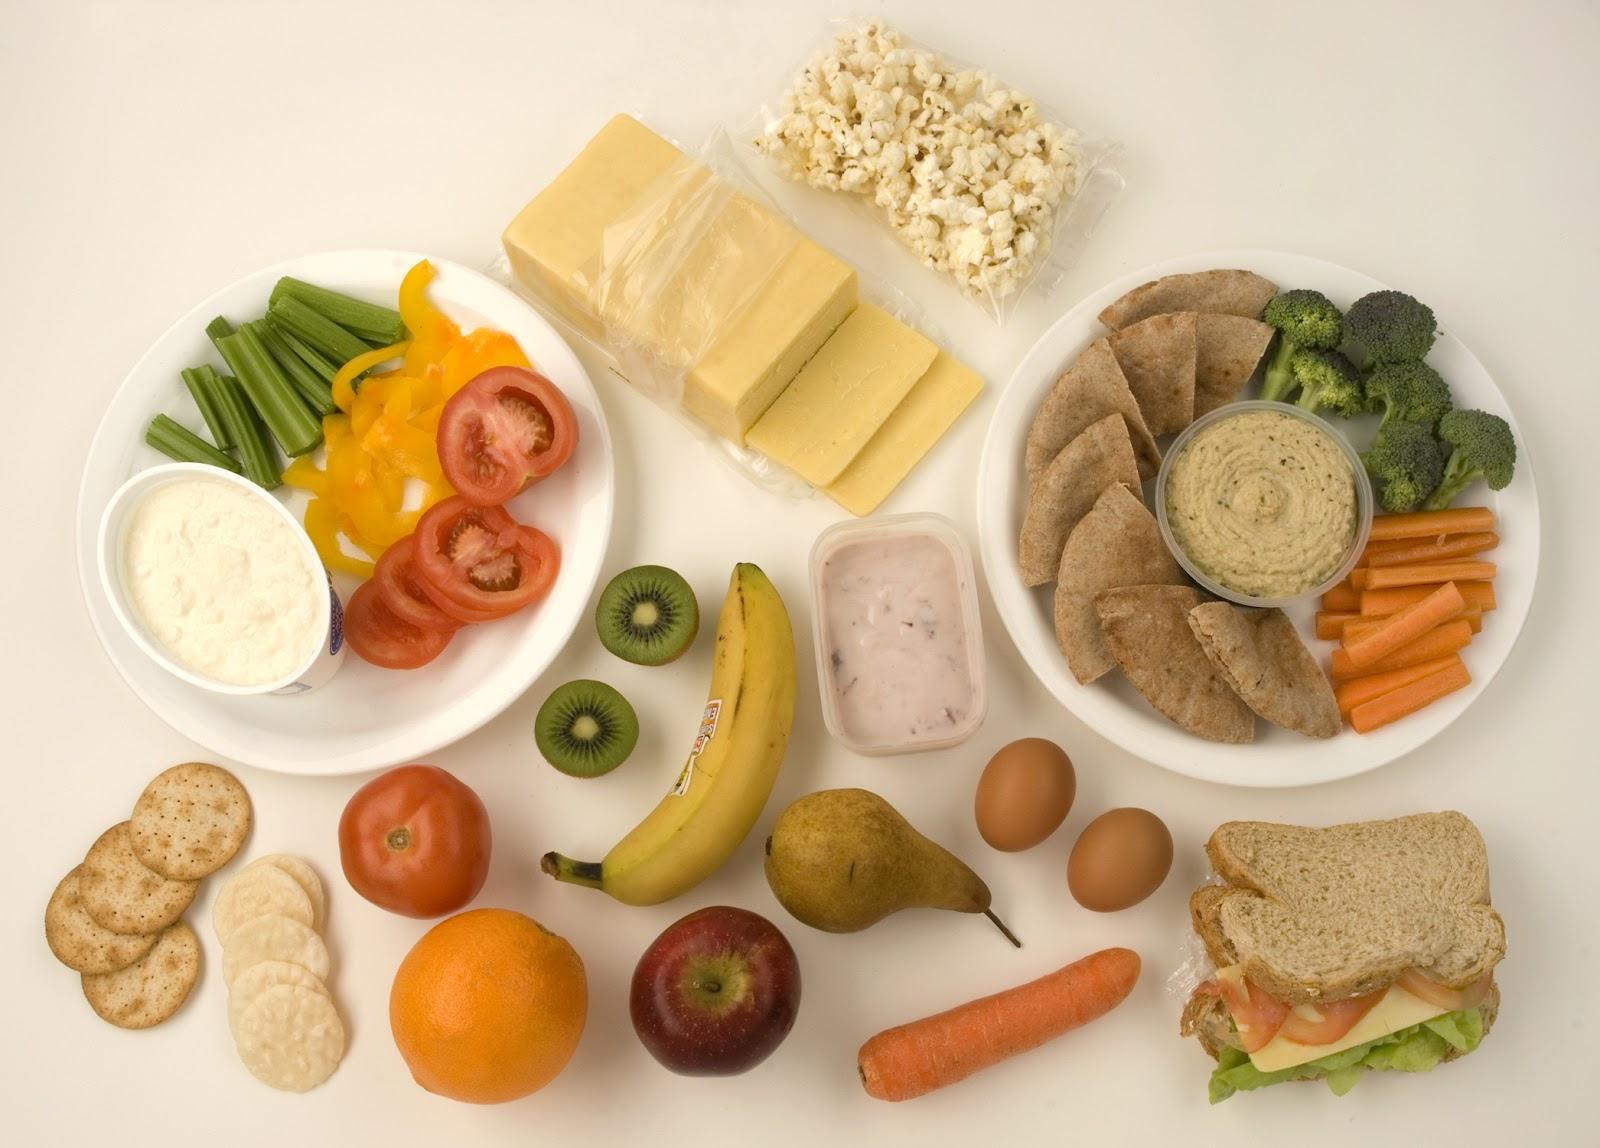 Похудеть Продукты Питания. Питание для похудения. Что, как и когда есть, чтобы похудеть?